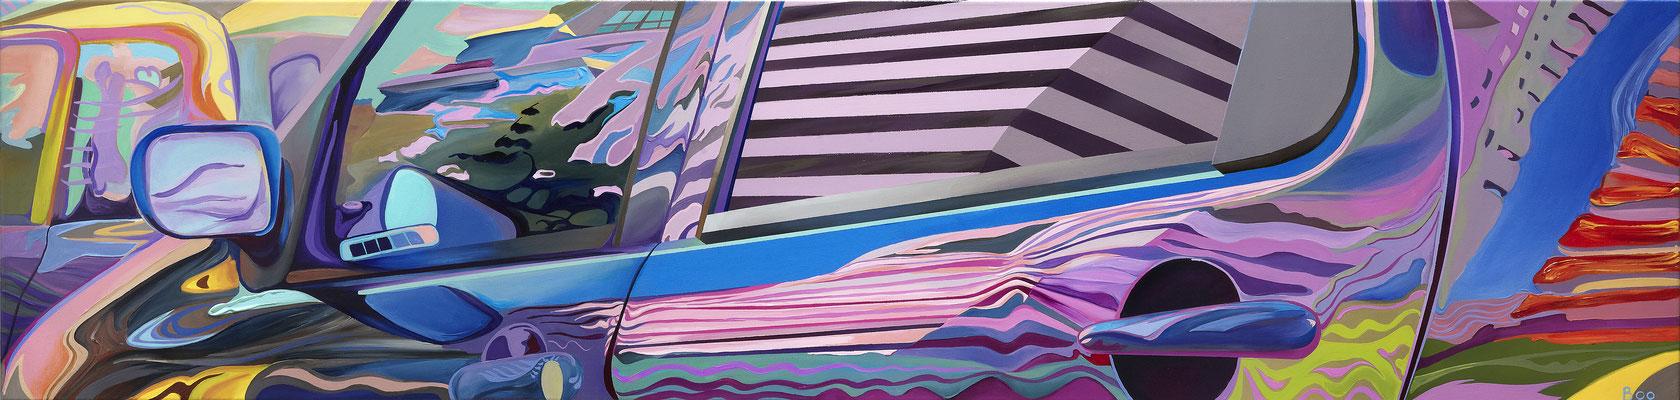 Love Persecution, 2010, Acryl auf Leinwand, 217cm x 52cm